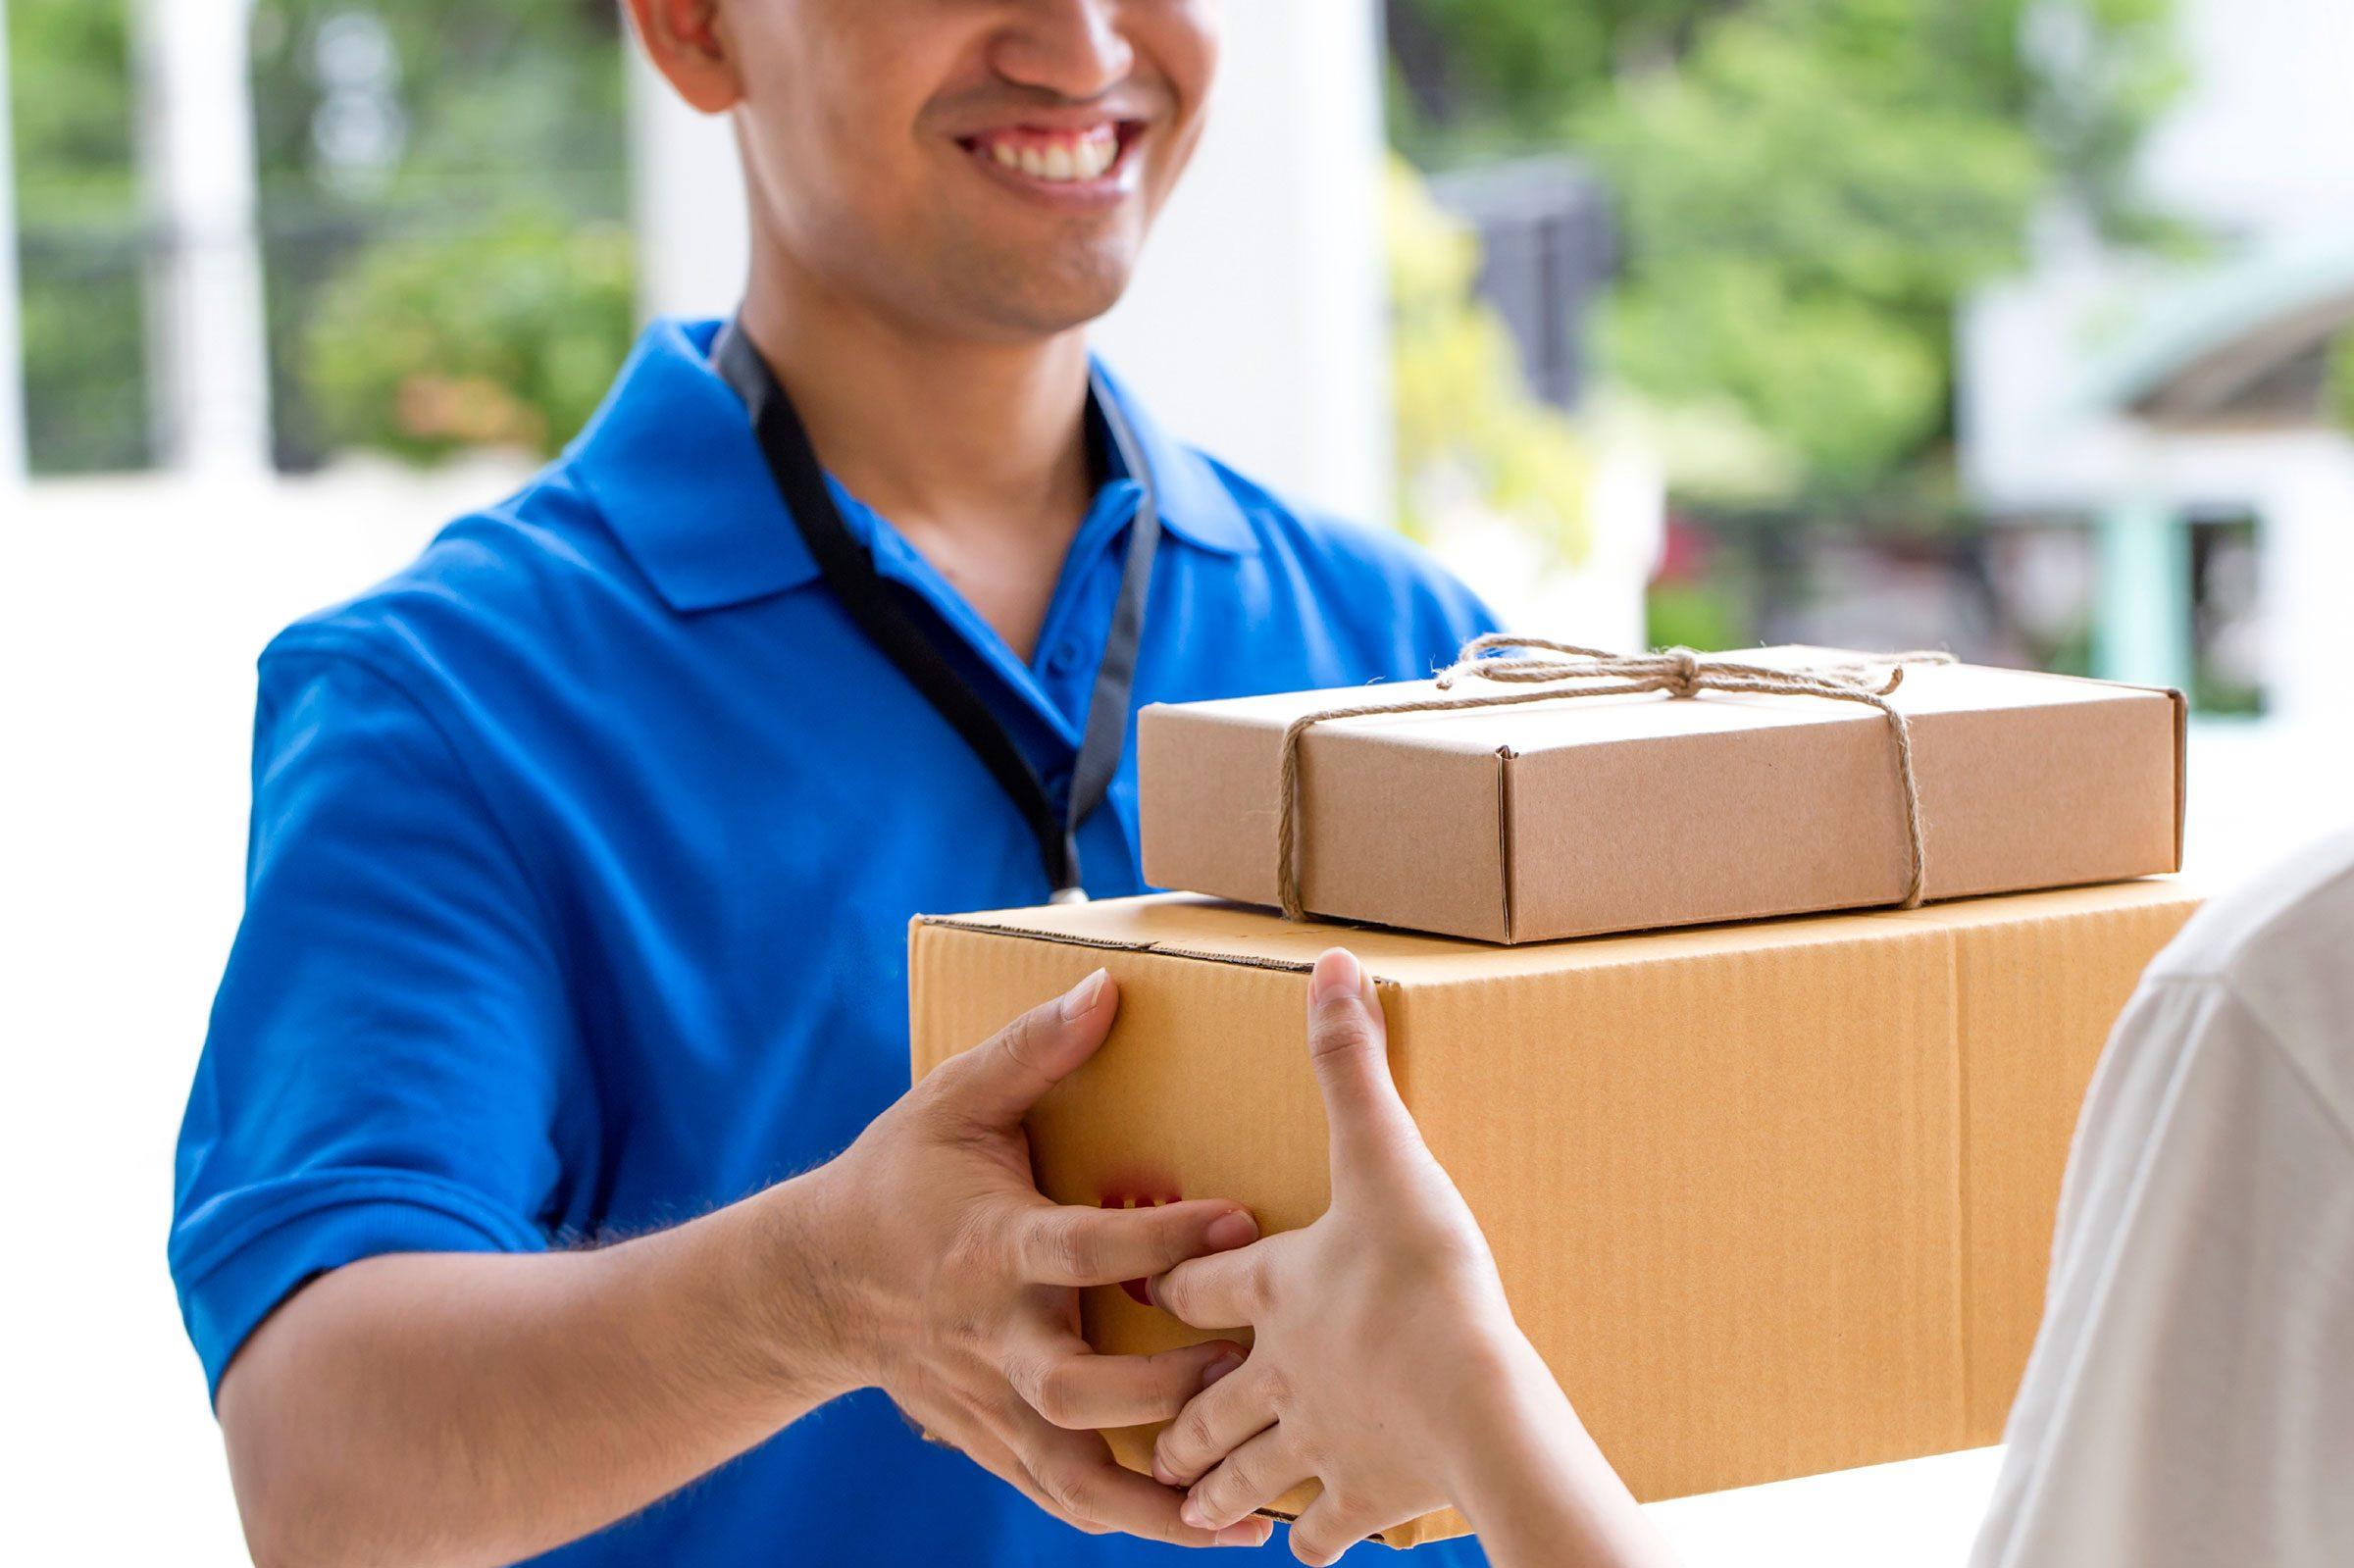 postal carrier secrets your mailman wishes you knew reader 39 s digest. Black Bedroom Furniture Sets. Home Design Ideas